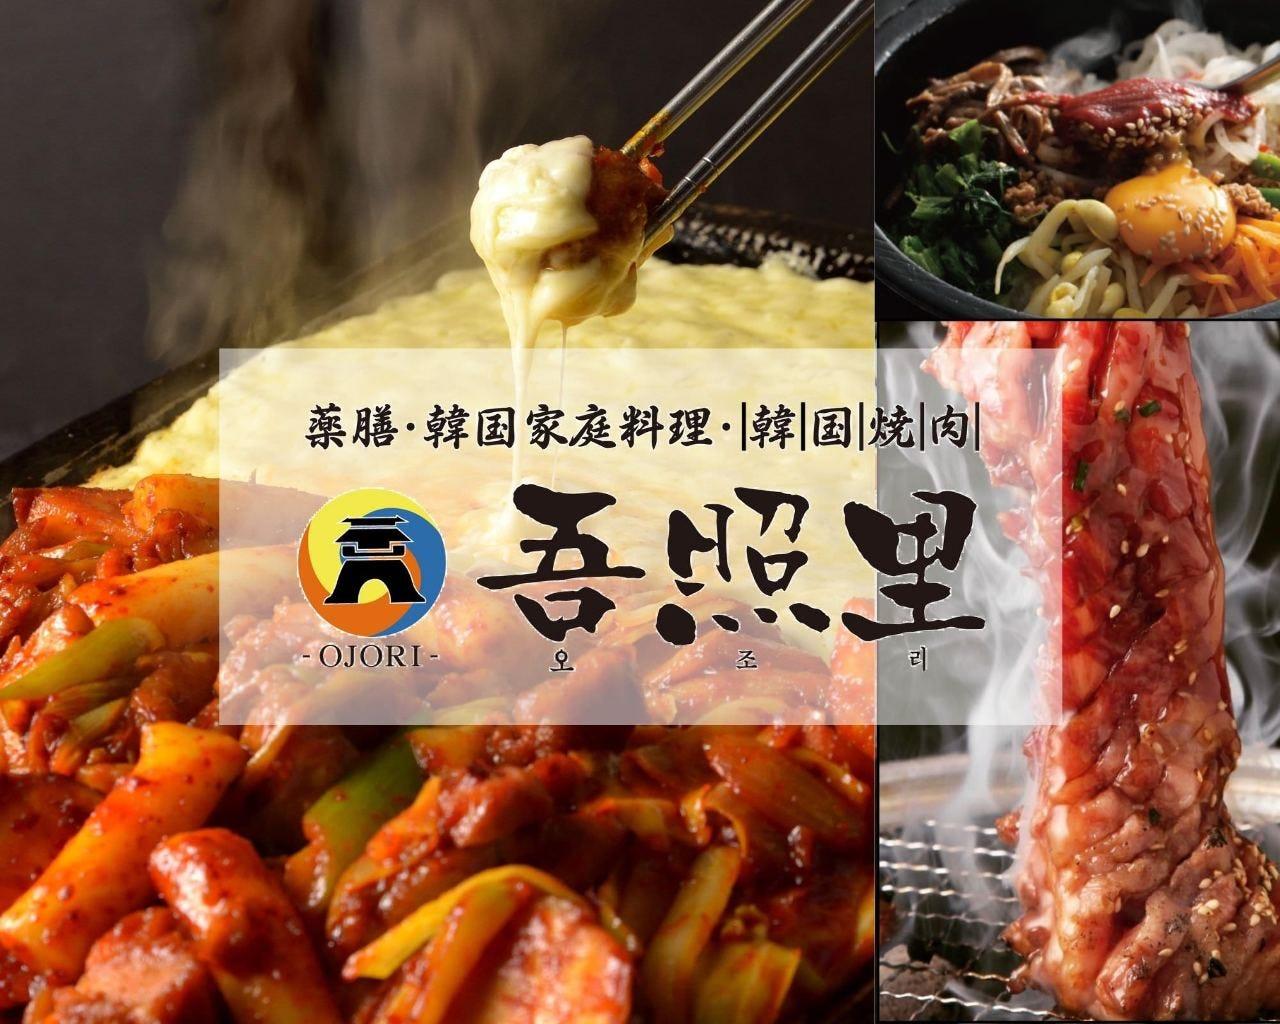 本格焼肉・韓国家庭料理 吾照里 二子玉川店のイメージ写真